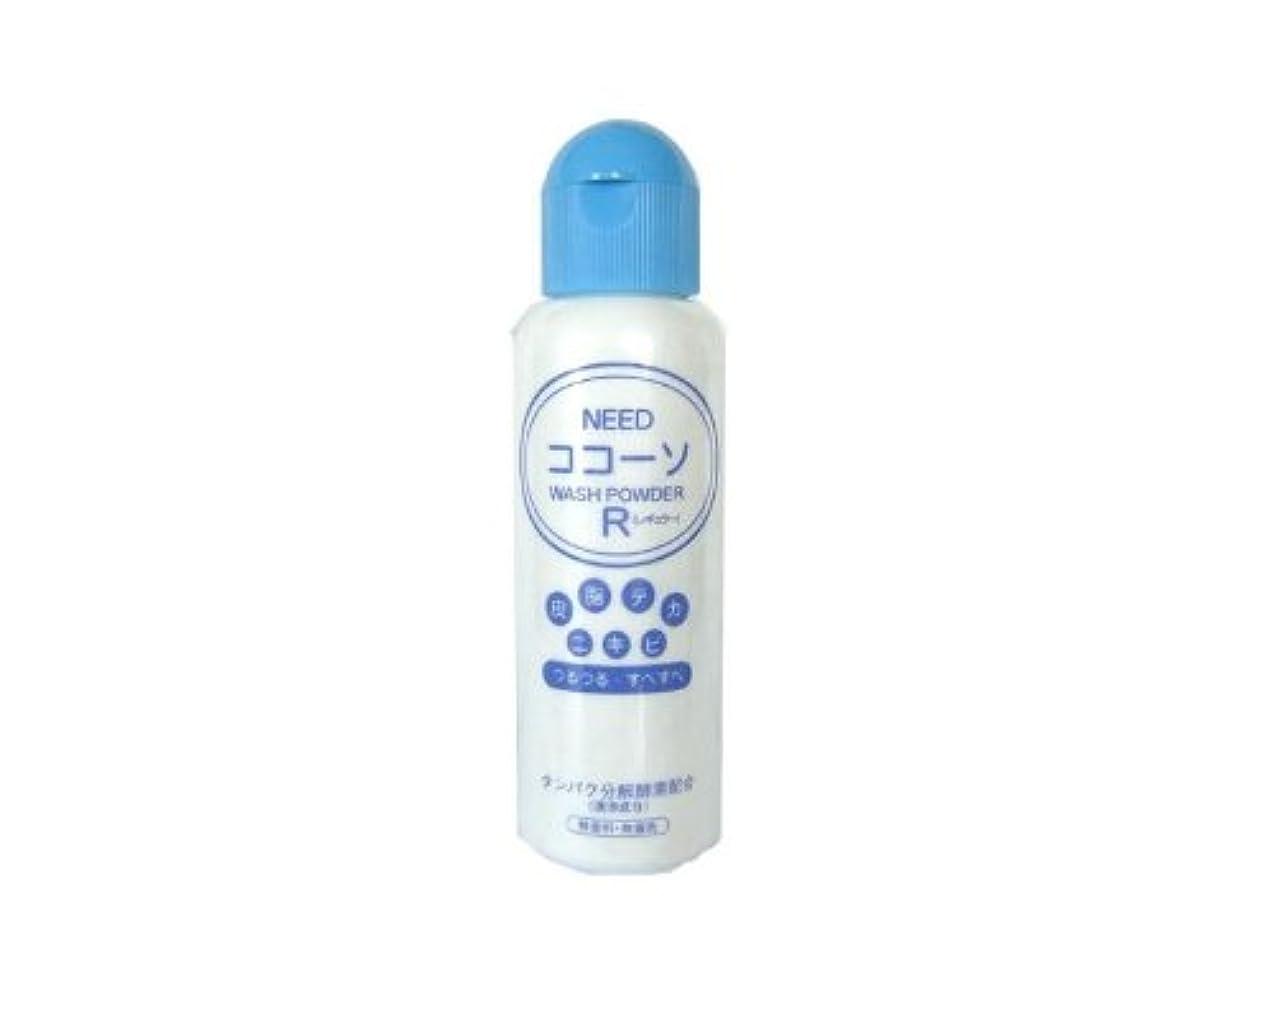 汚染されたスチールジュースニード ココーソ 洗顔パウダー R(レギュラー) 52g